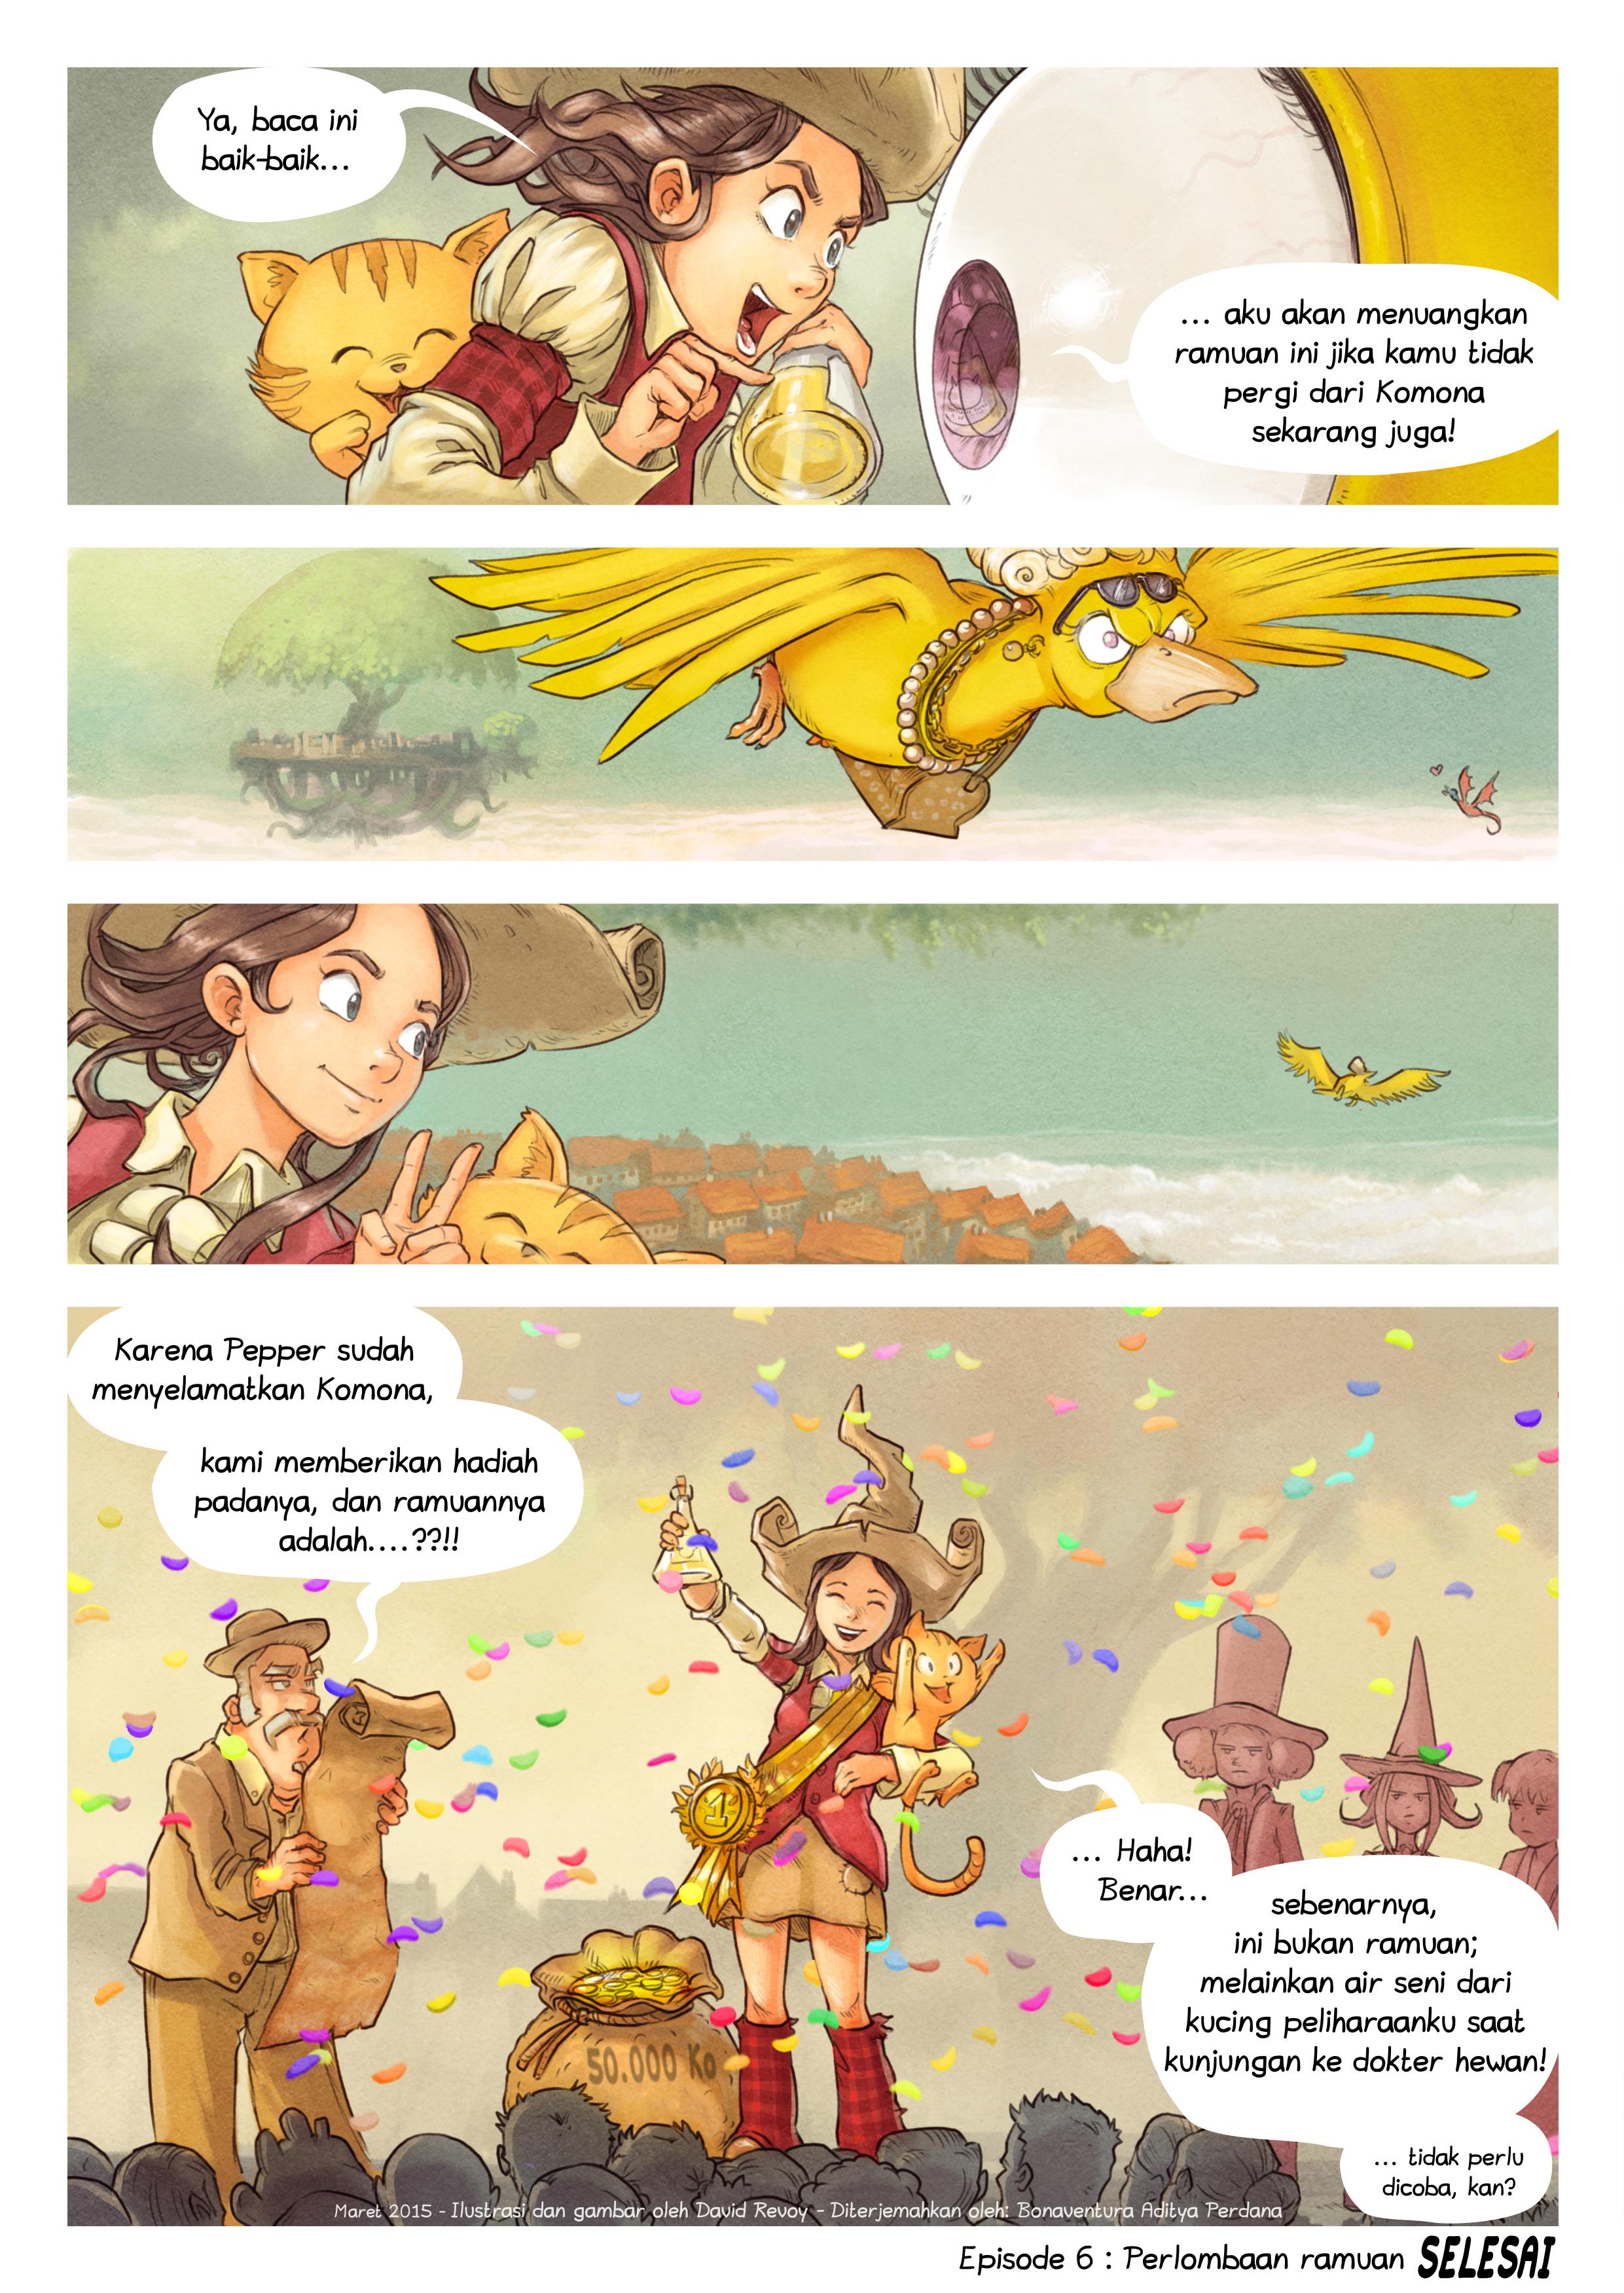 Episode 6: Perlombaan ramuan, Page 9